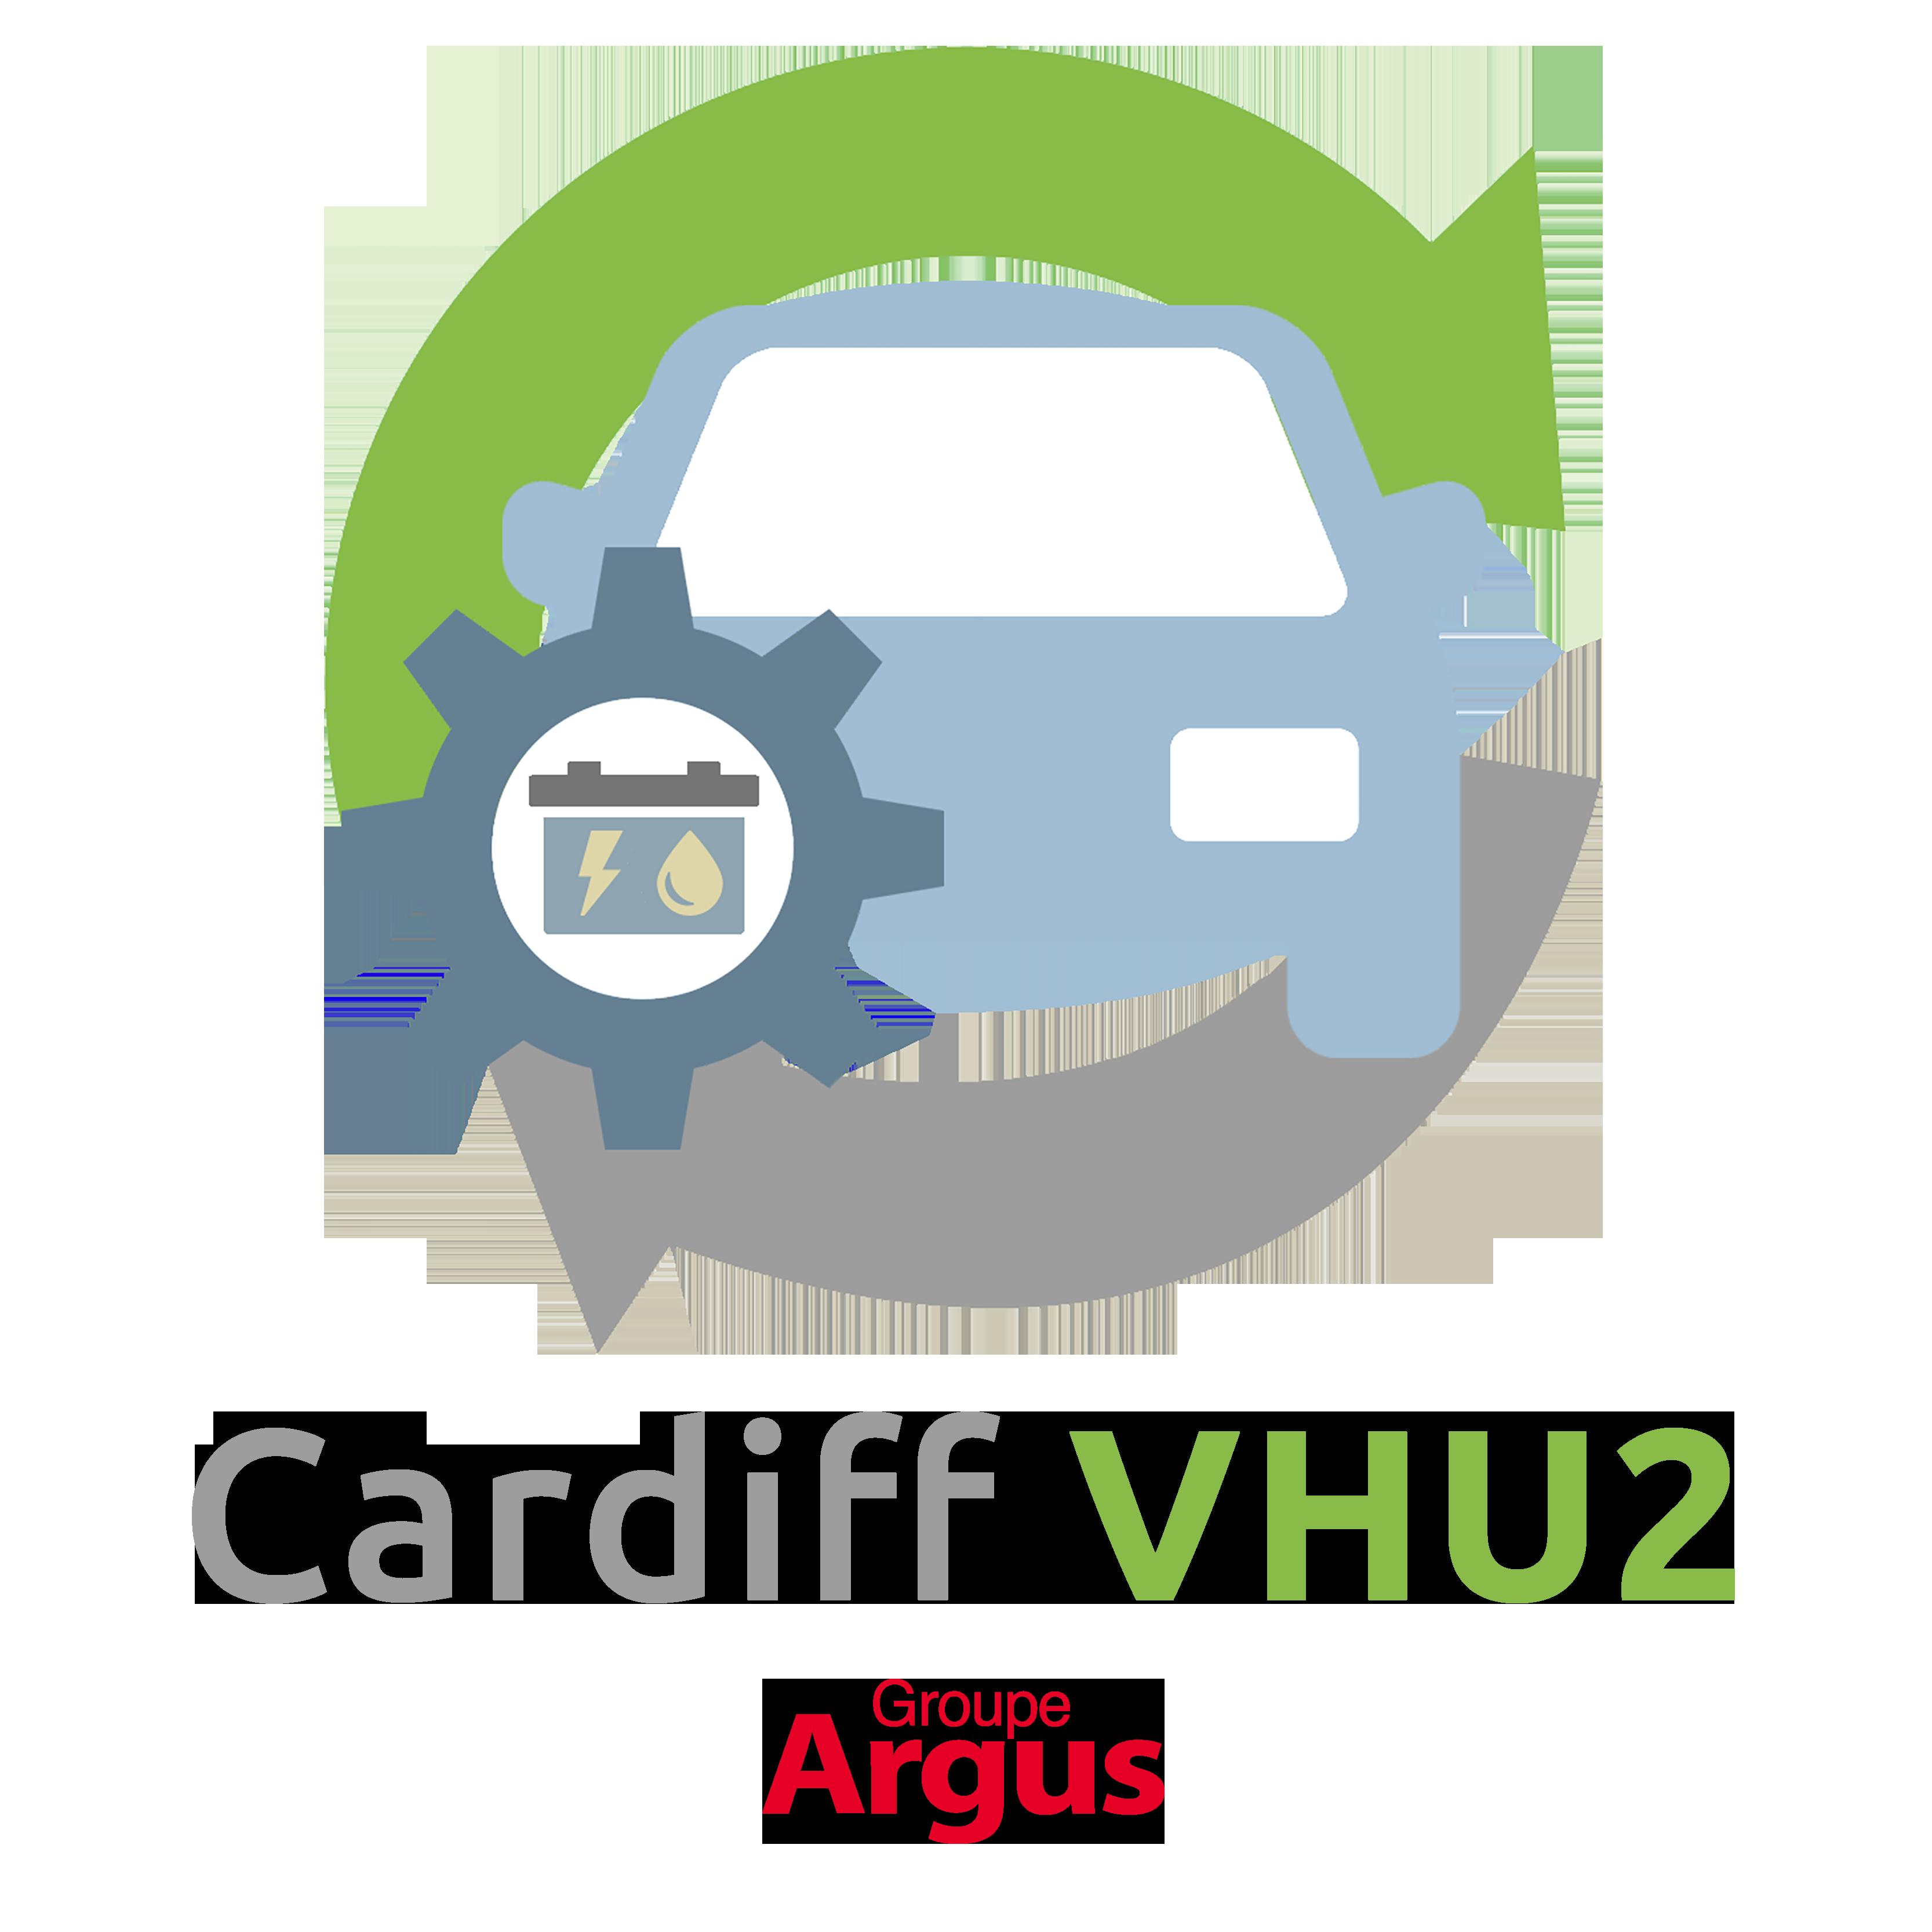 Cardiff VHU2 est depuis 20 ans, le logiciel de référence pour la gestion des véhicules hors d'usage et des pièces de réemploi. #VHU #PRE